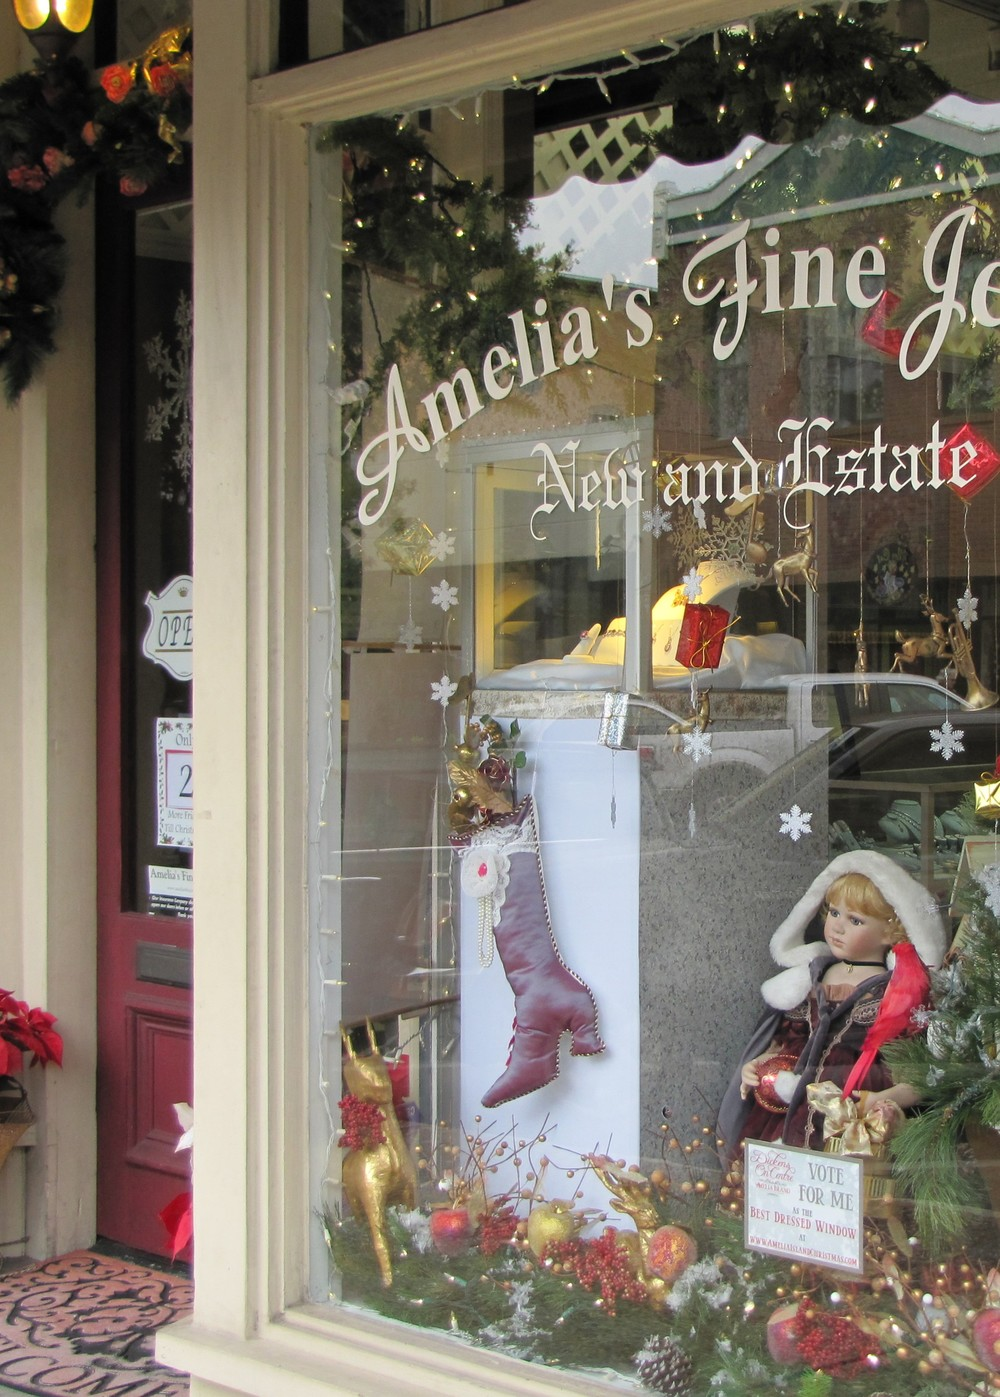 amelia's fine jewelry shop window amelia island